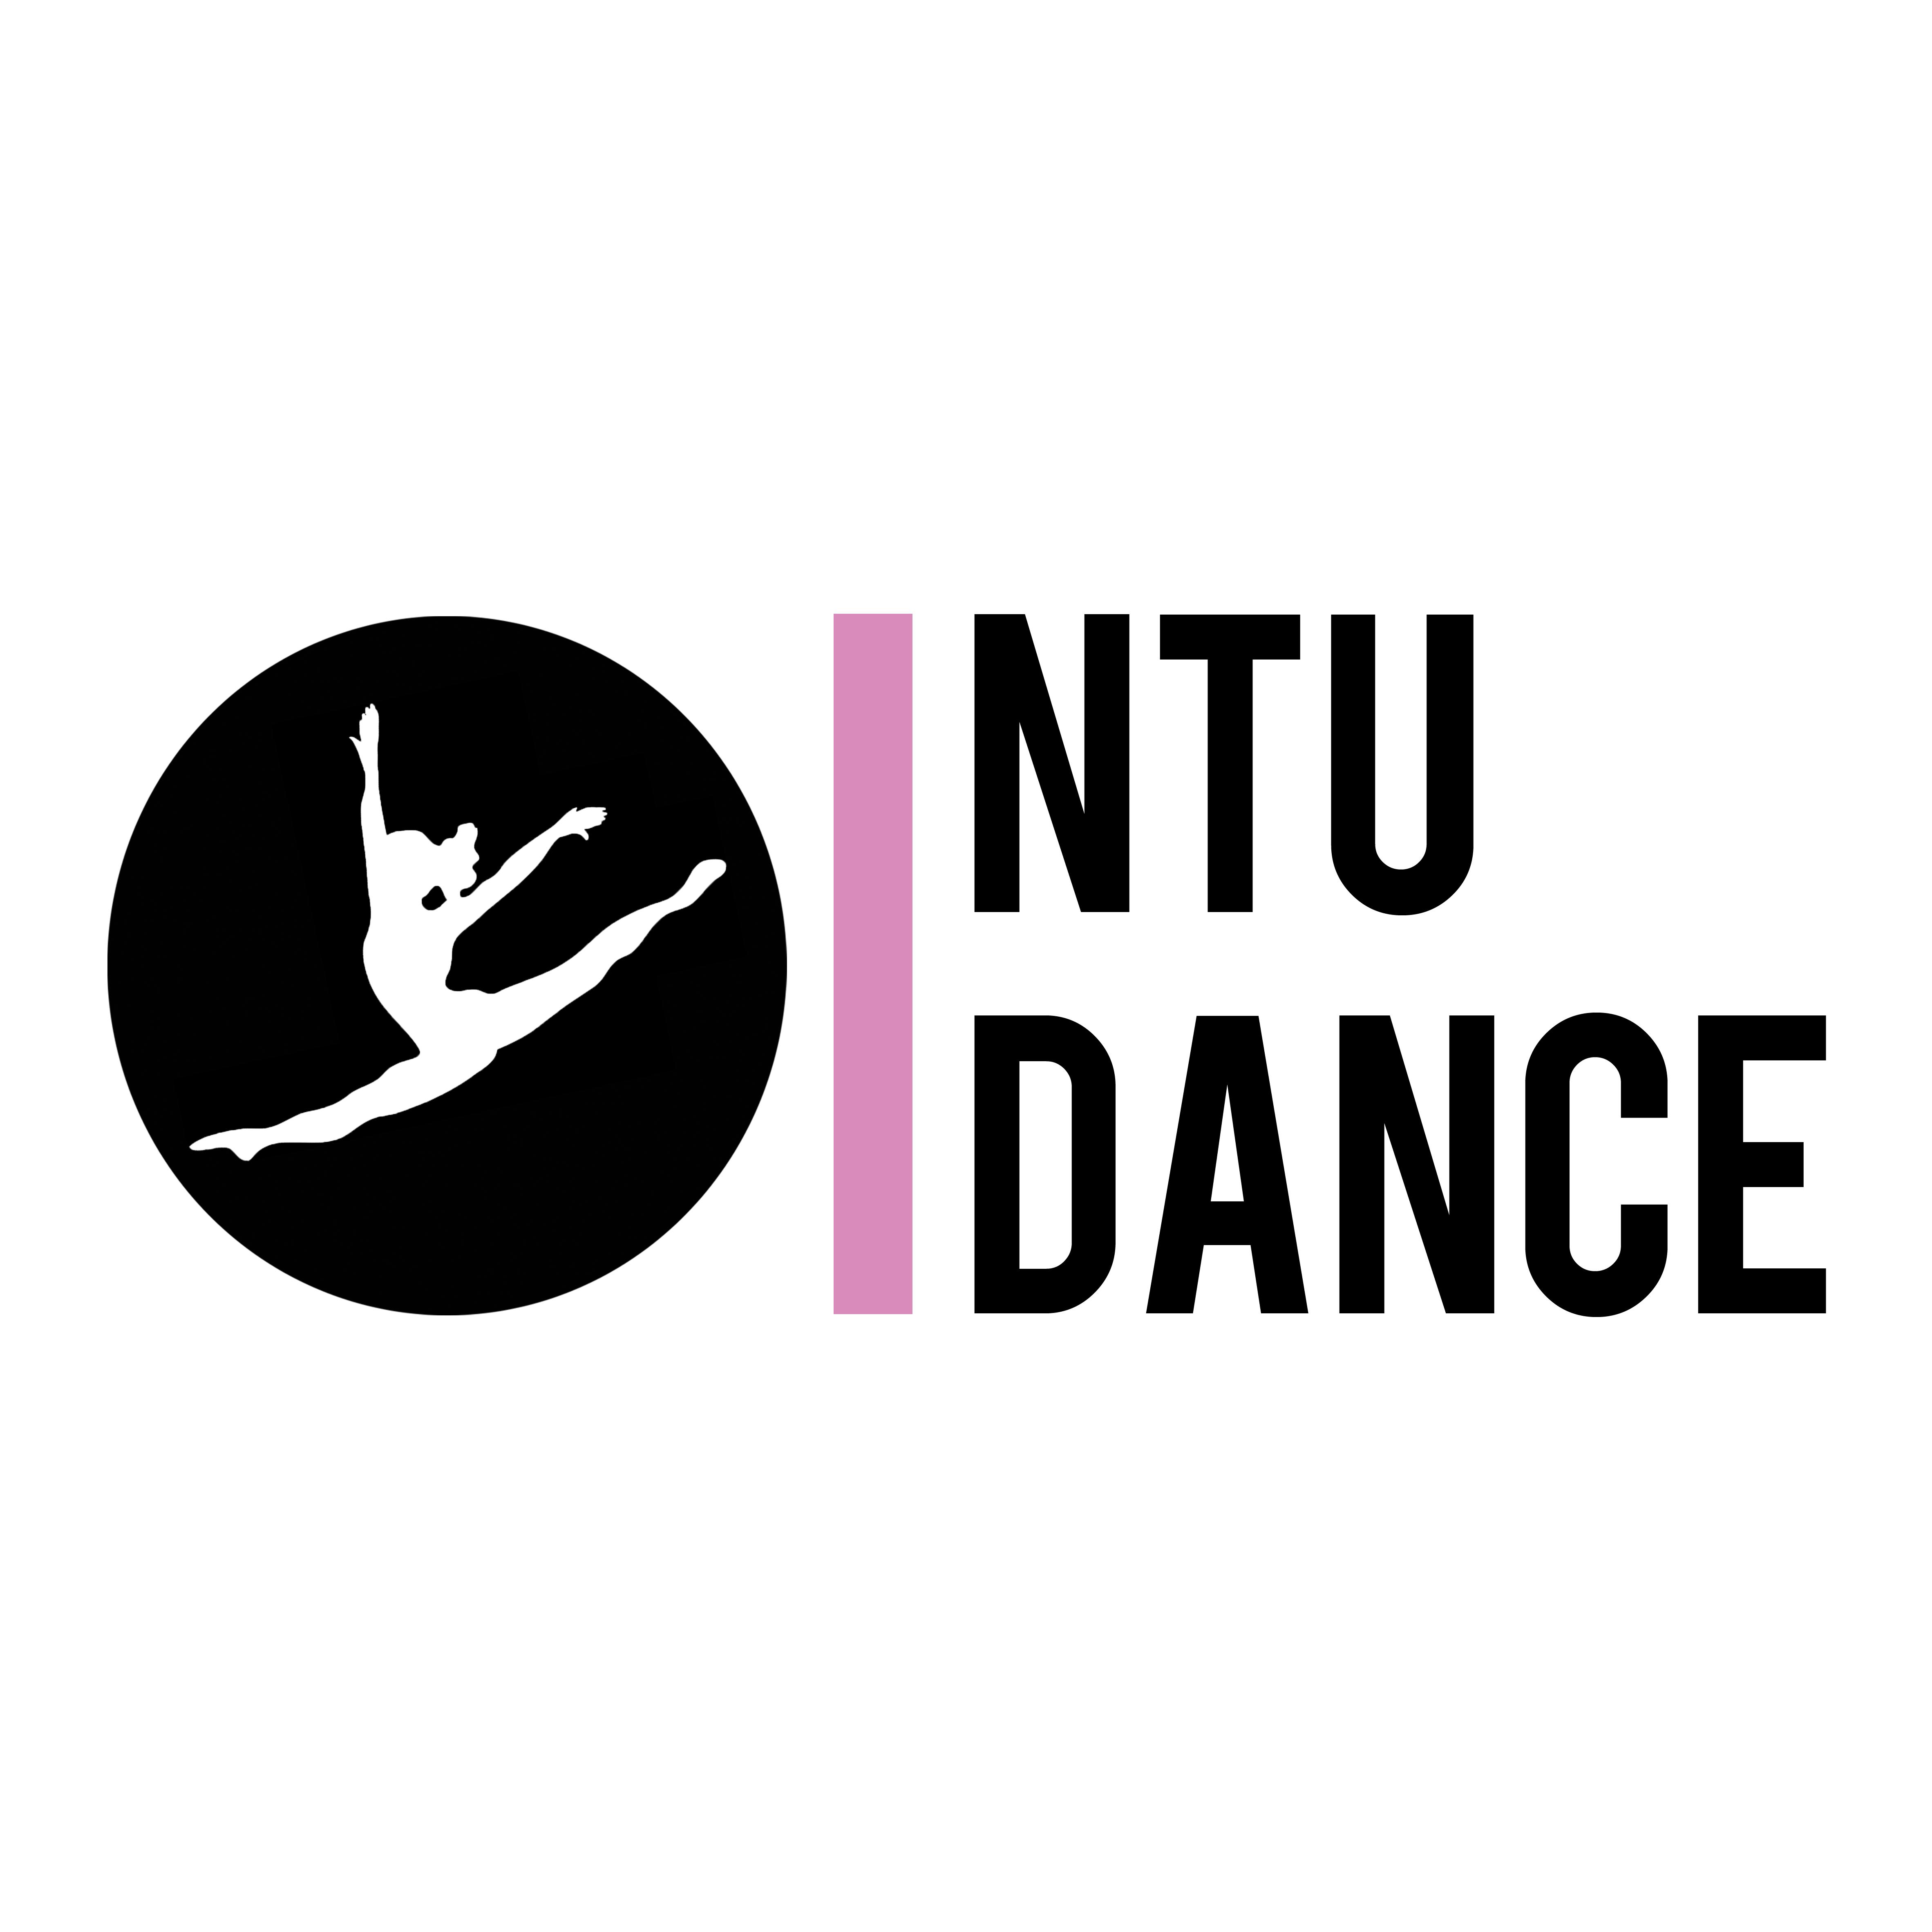 Nottingham Trent University - Dance